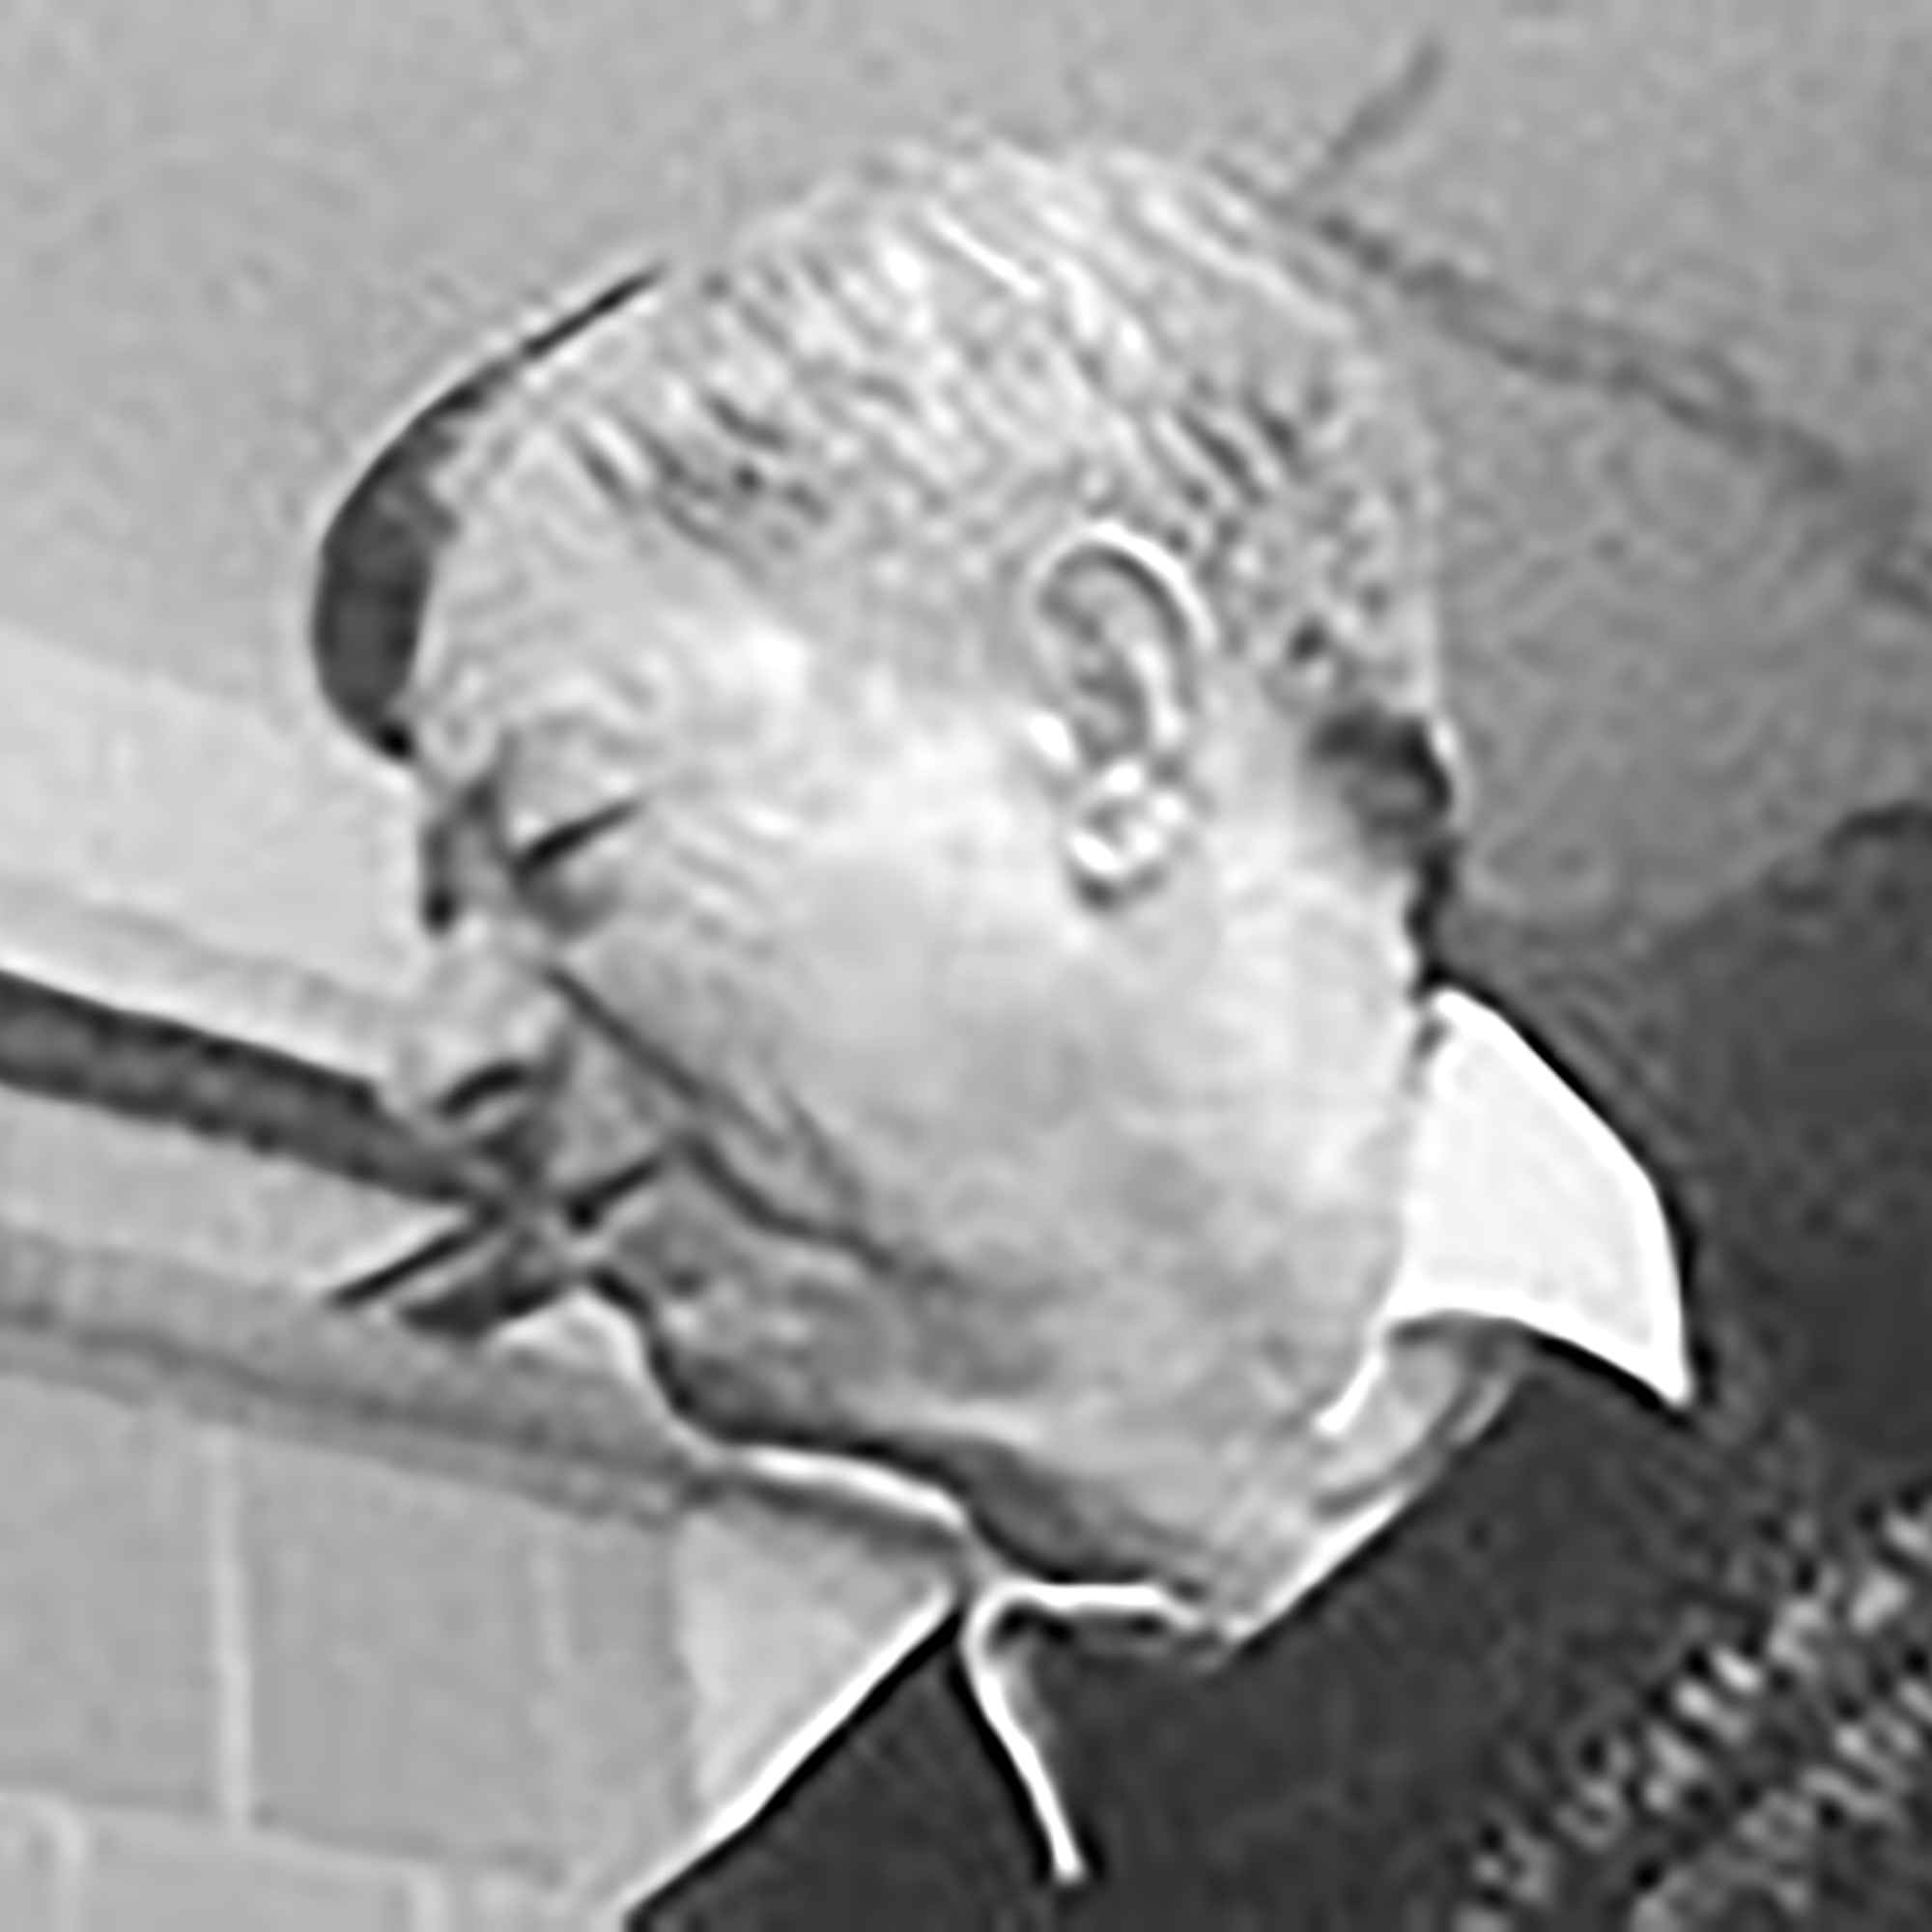 Peter Schettler